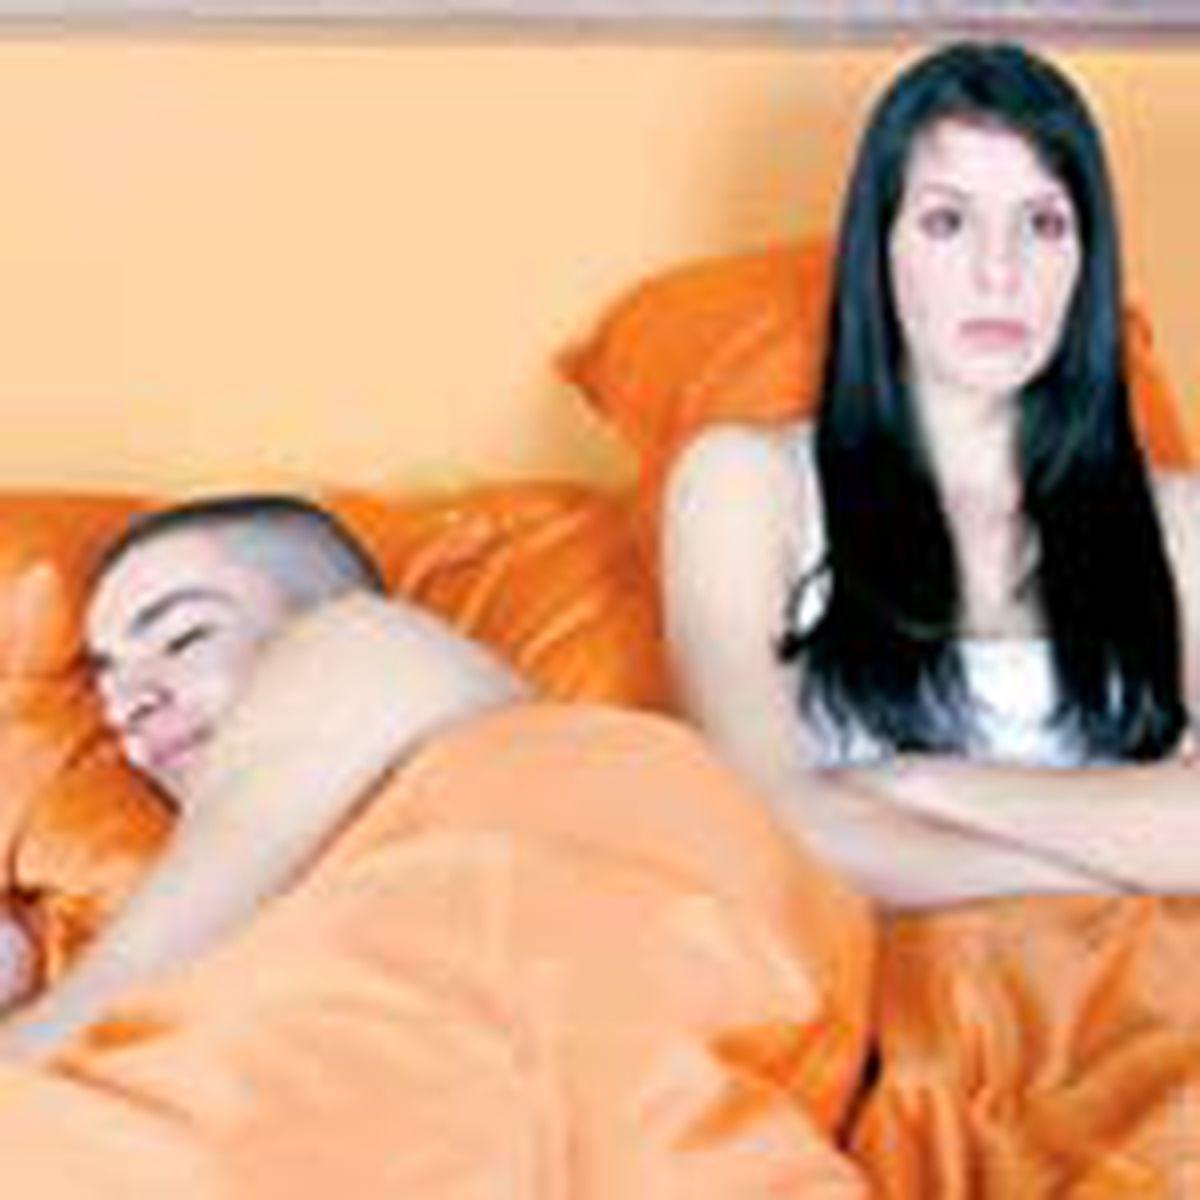 erecția soțului meu dispare brusc)